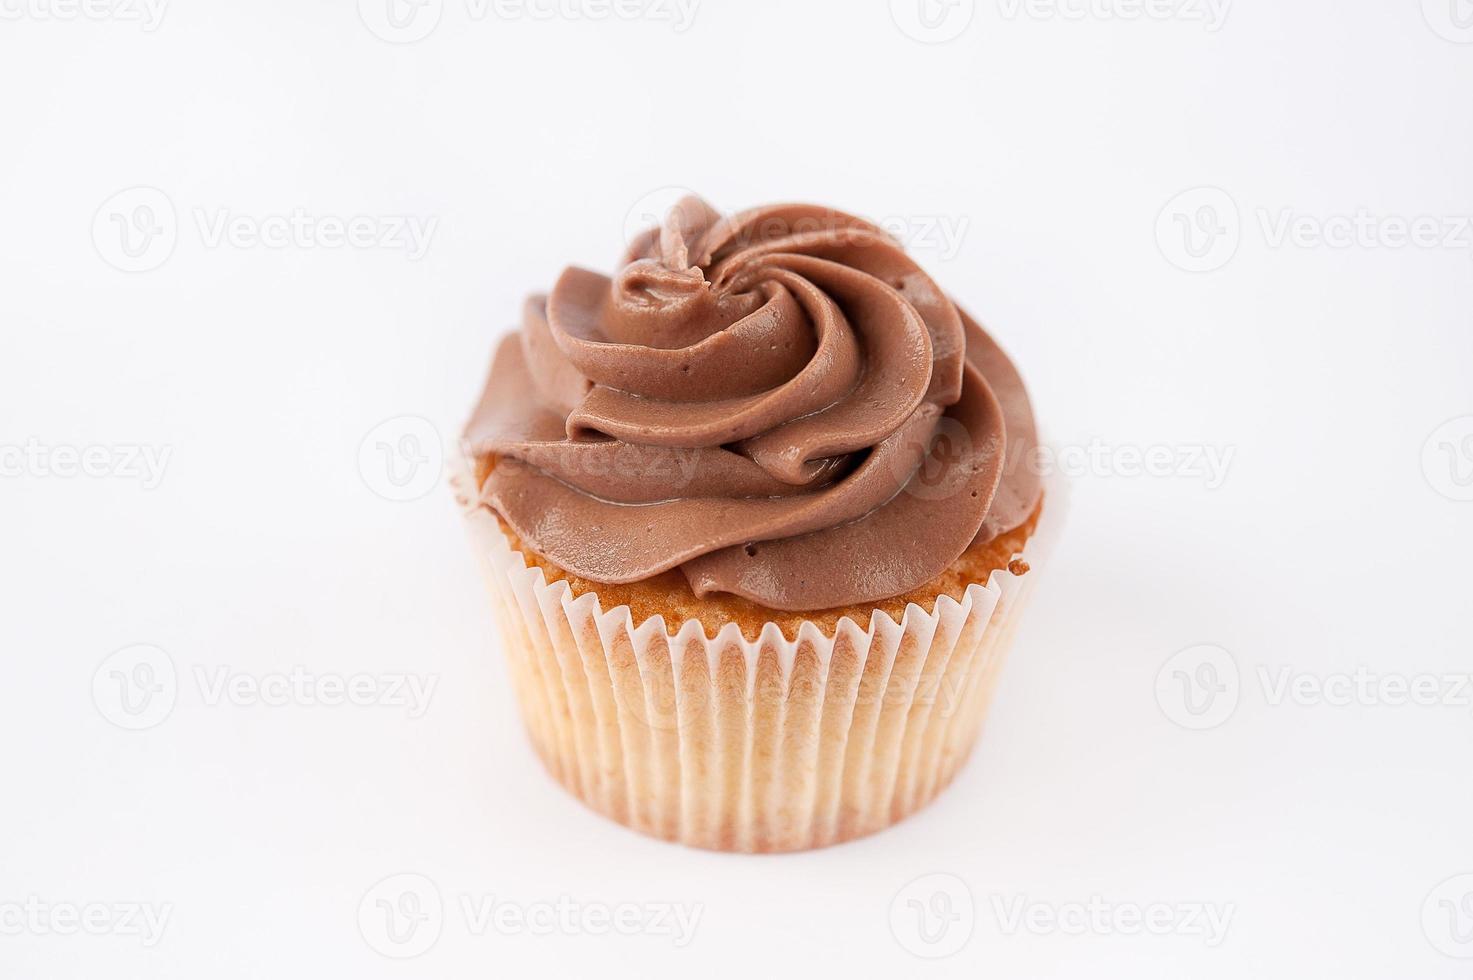 vackra muffins med chokladkräm foto